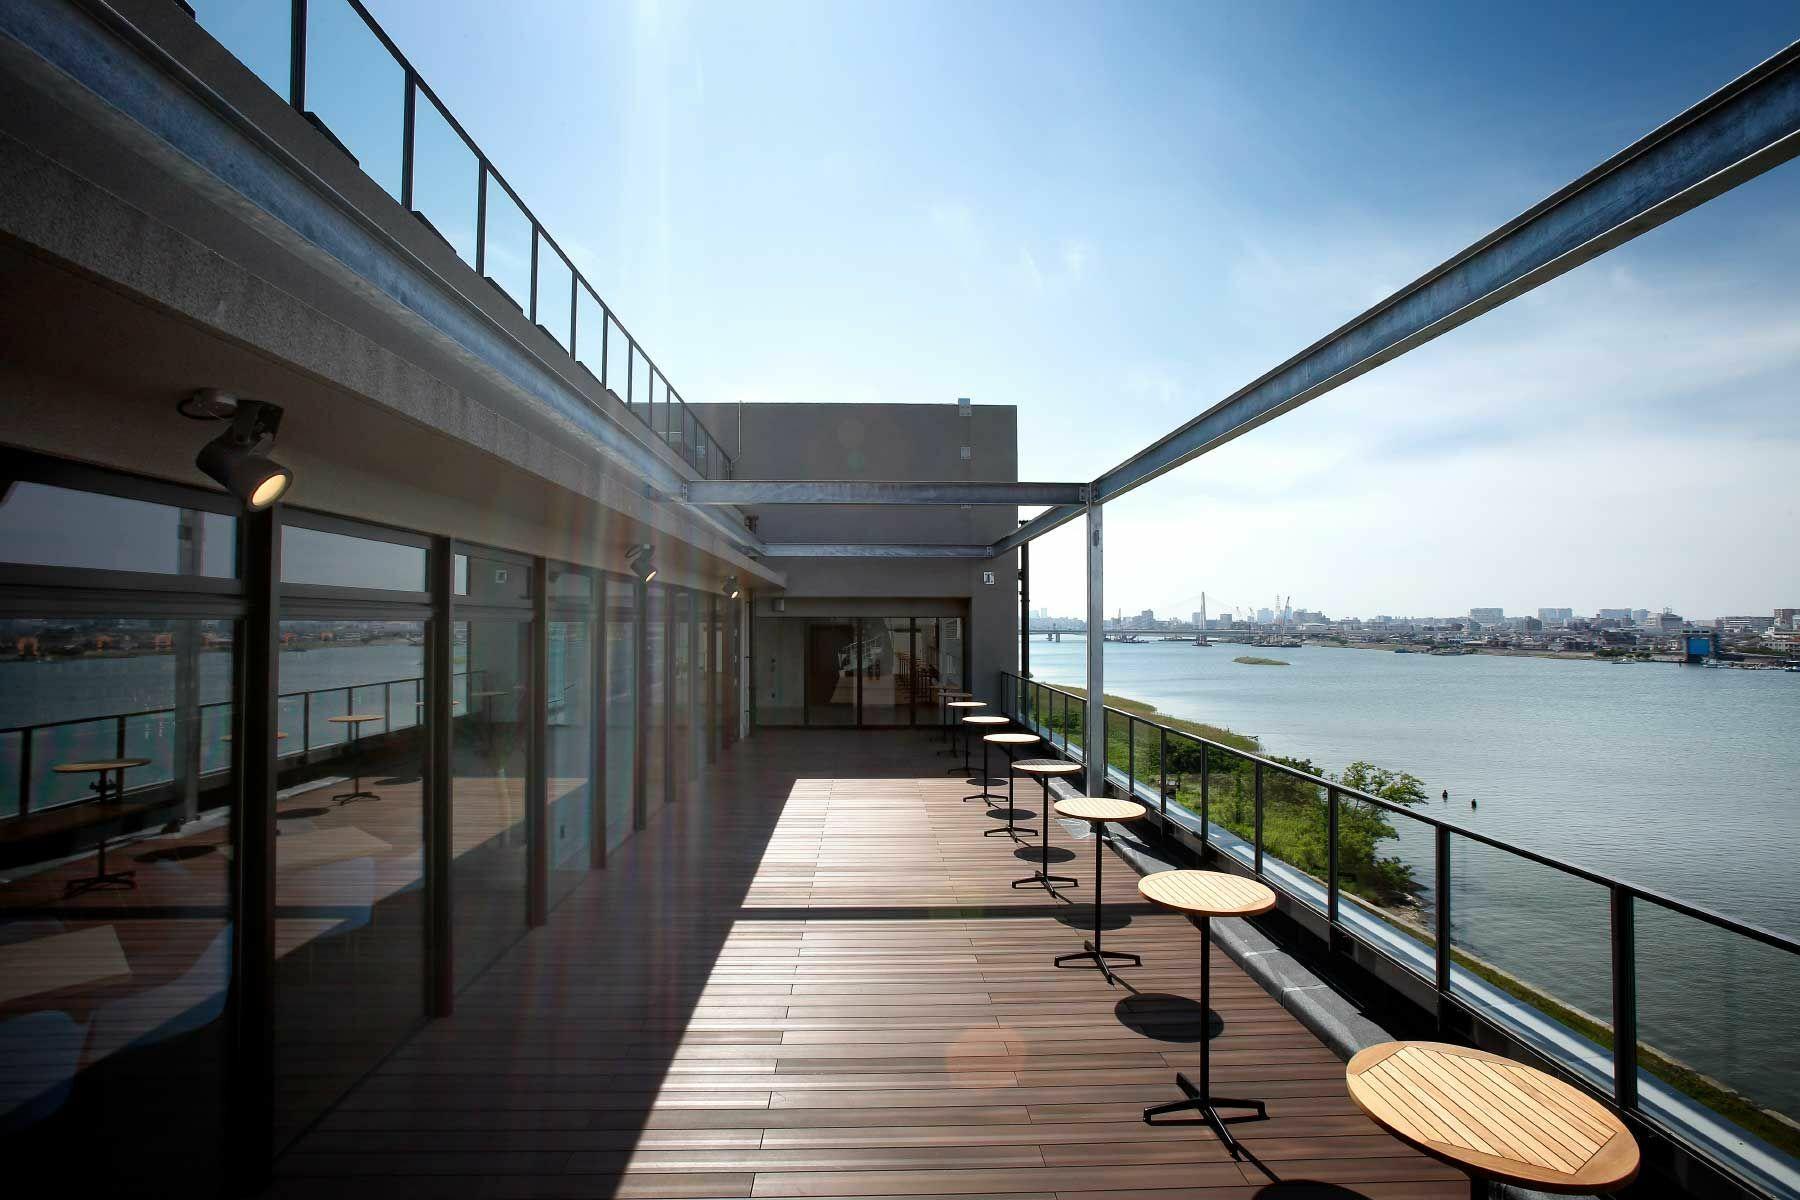 川崎キングスカイフロント東急REIホテル(トウキュウレイホテル)5Fレストラン